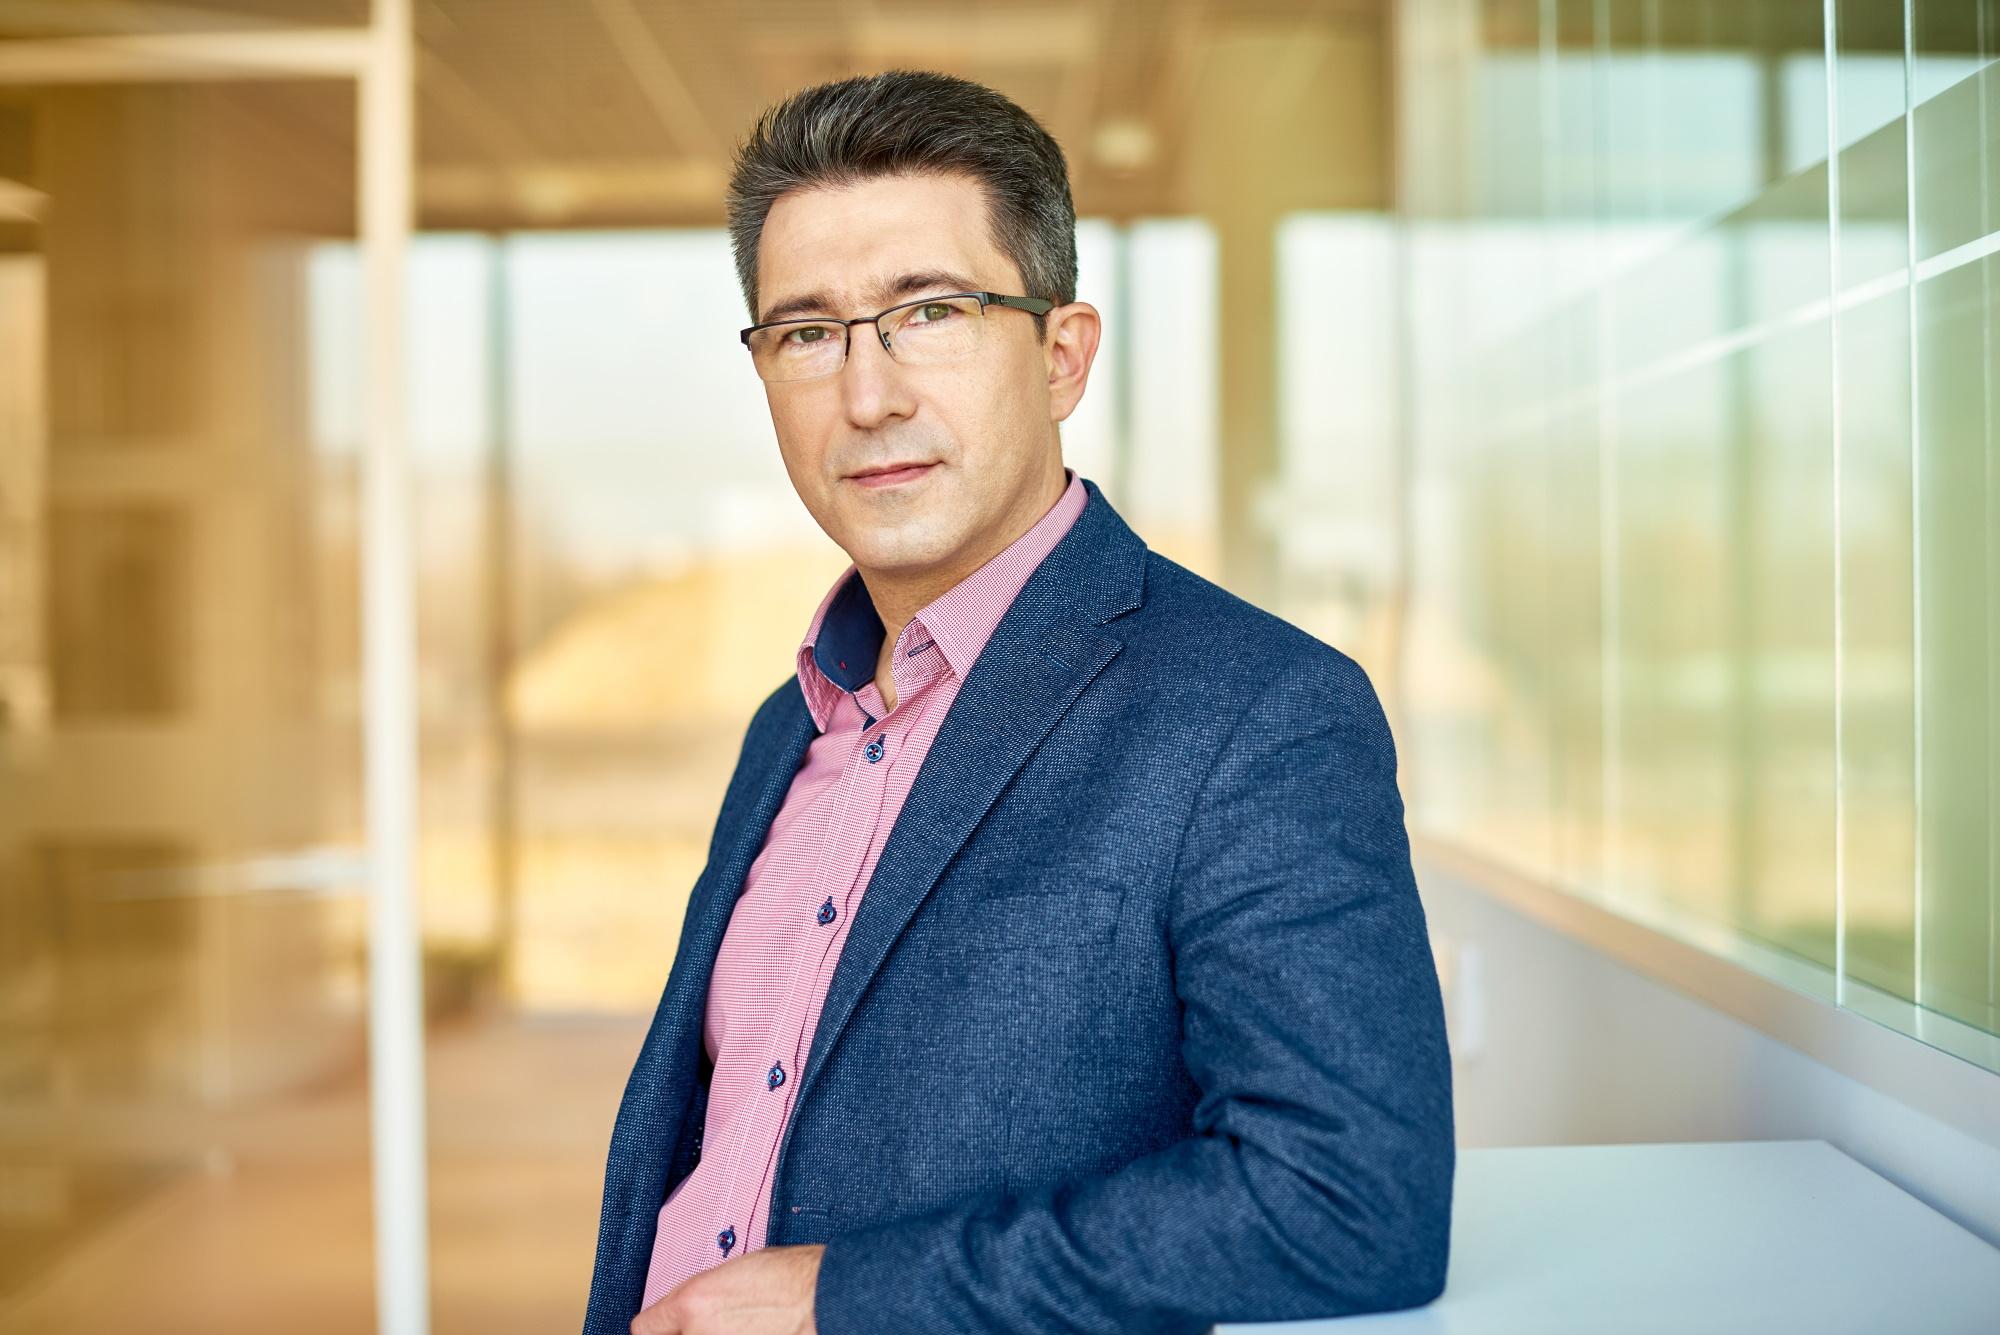 - Ten kryzys nadszedł niespodziewanie i postępuje bardzo szybko, nie dając firmom szans na bieżące reagowanie na pojawiające się sygnały z rynku - mówi Jacek Siwiński, prezes Velux Polska. Fot. mat. pras.